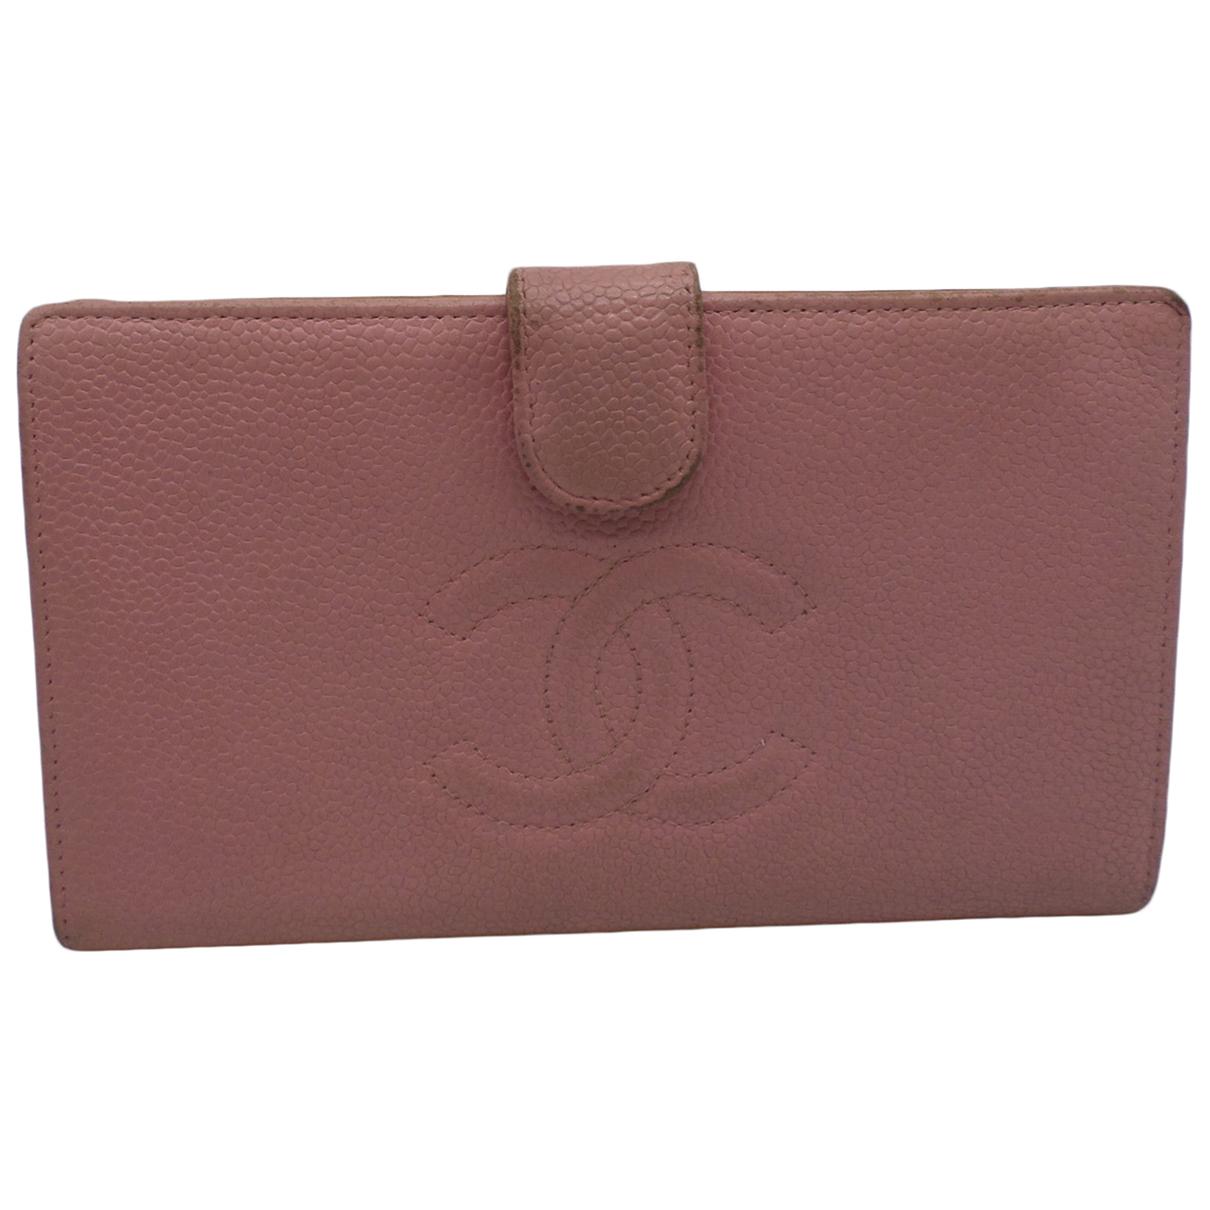 Chanel - Portefeuille Timeless/Classique pour femme en cuir - rose